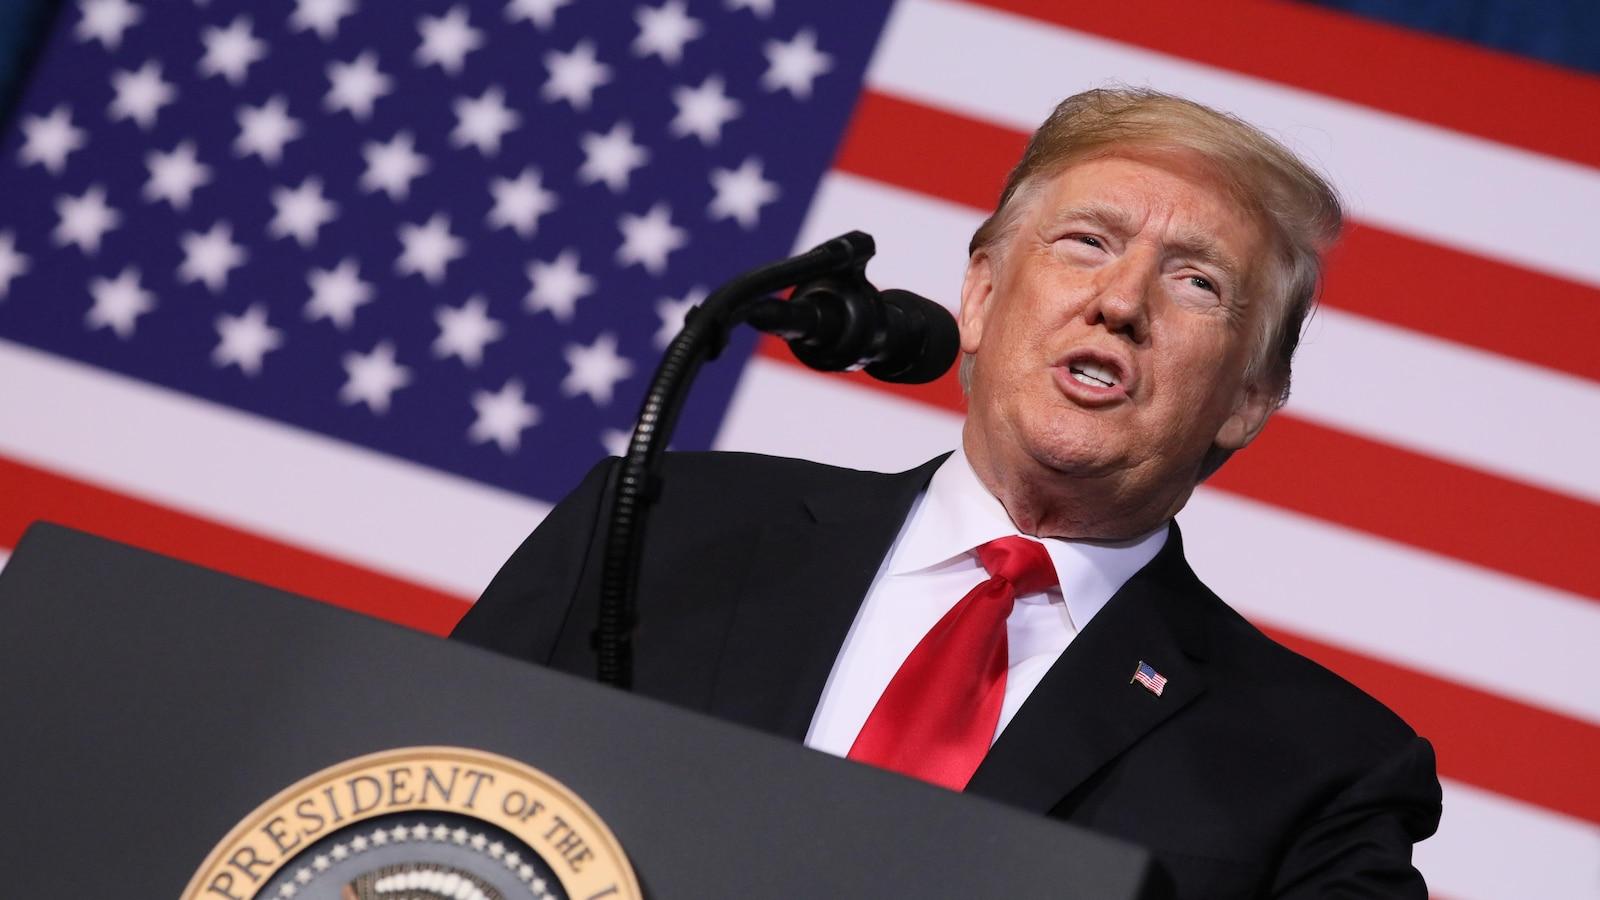 Le président américain lors d'un discours